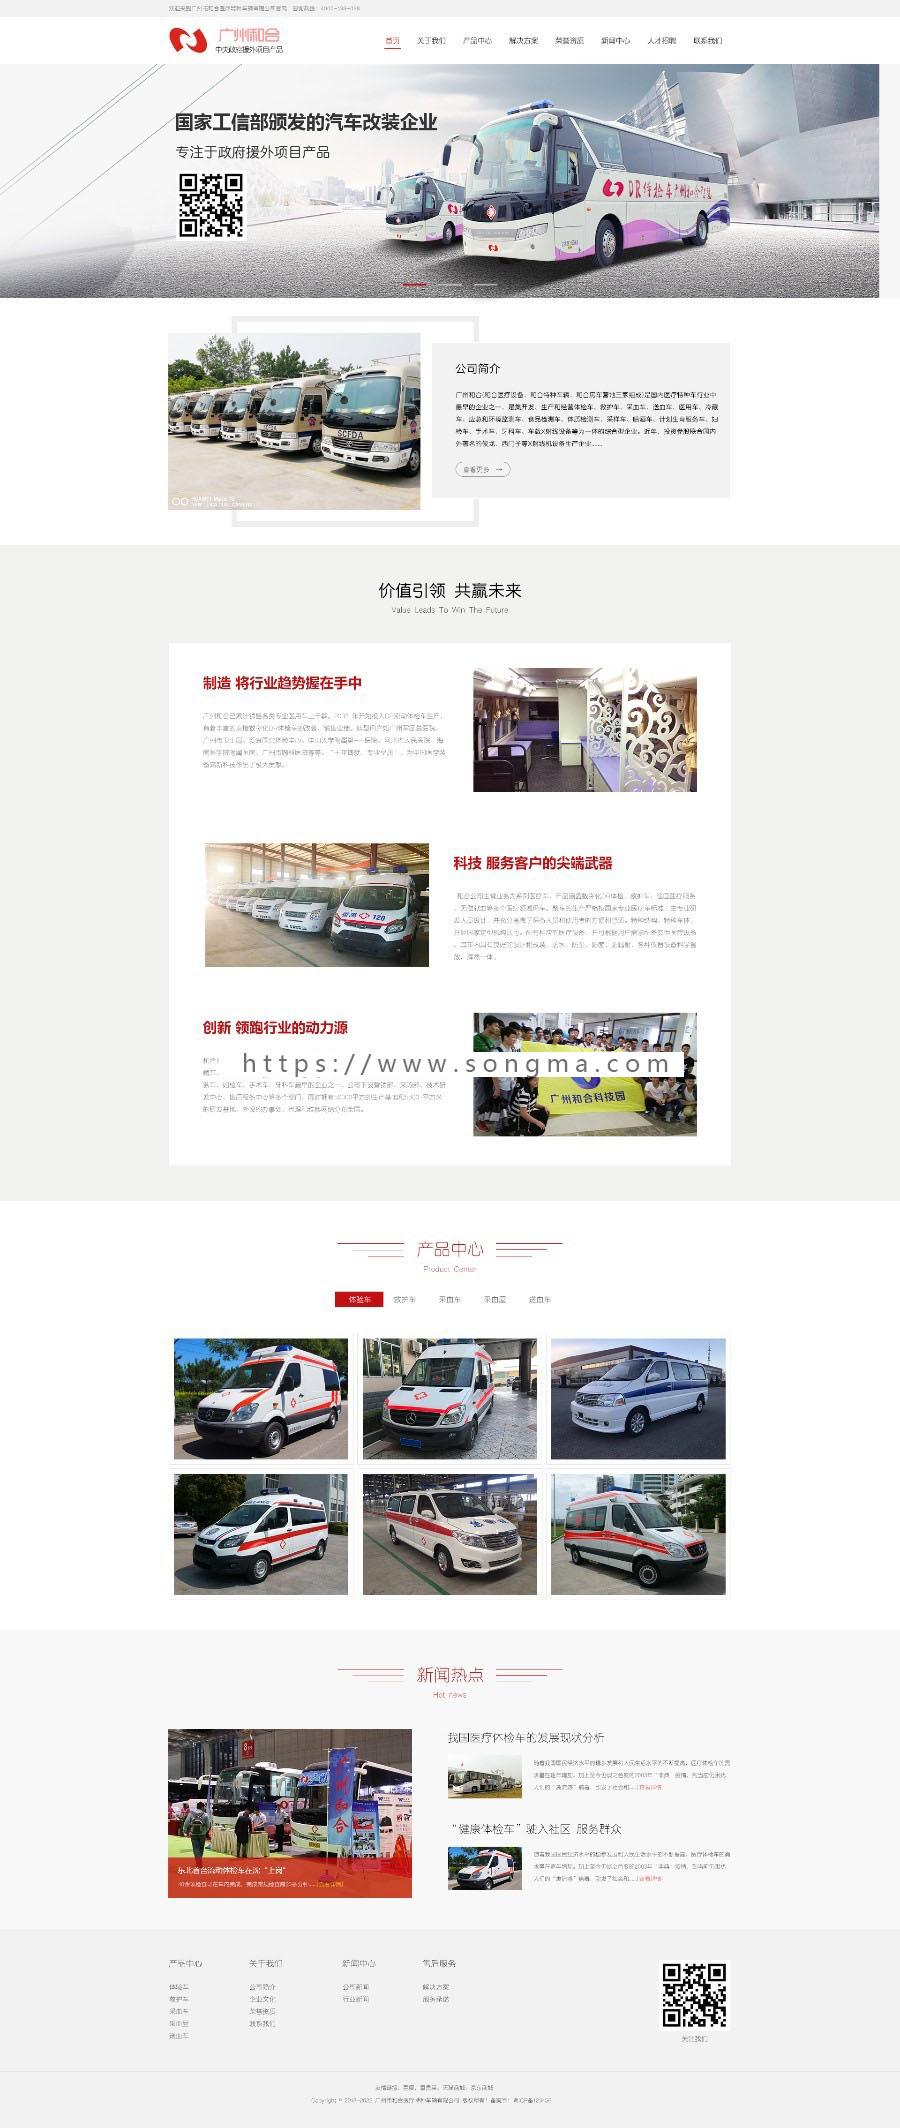 医疗汽车房车器械设备网站源码pc手机html5端响应式dedecms织梦网站模板